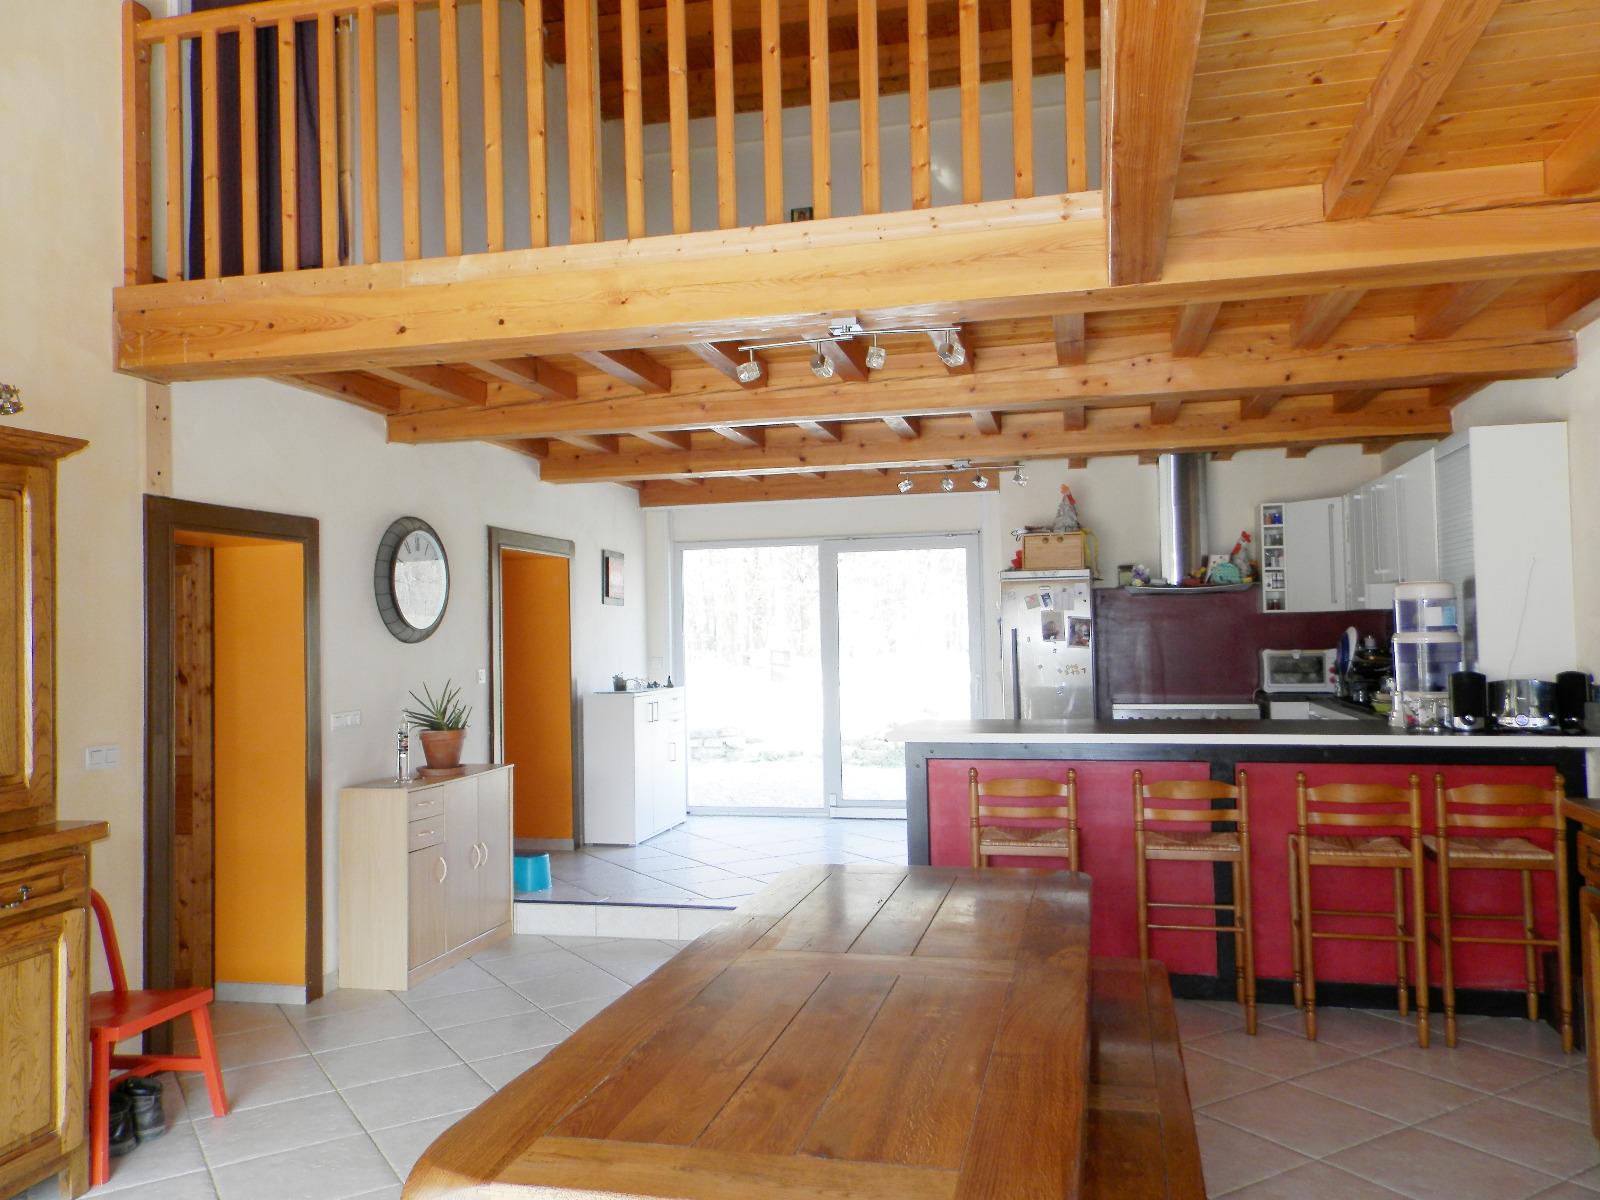 vente axe lons le saunier dole maison 234 m sur terrain 4300 m 3d immobilier. Black Bedroom Furniture Sets. Home Design Ideas